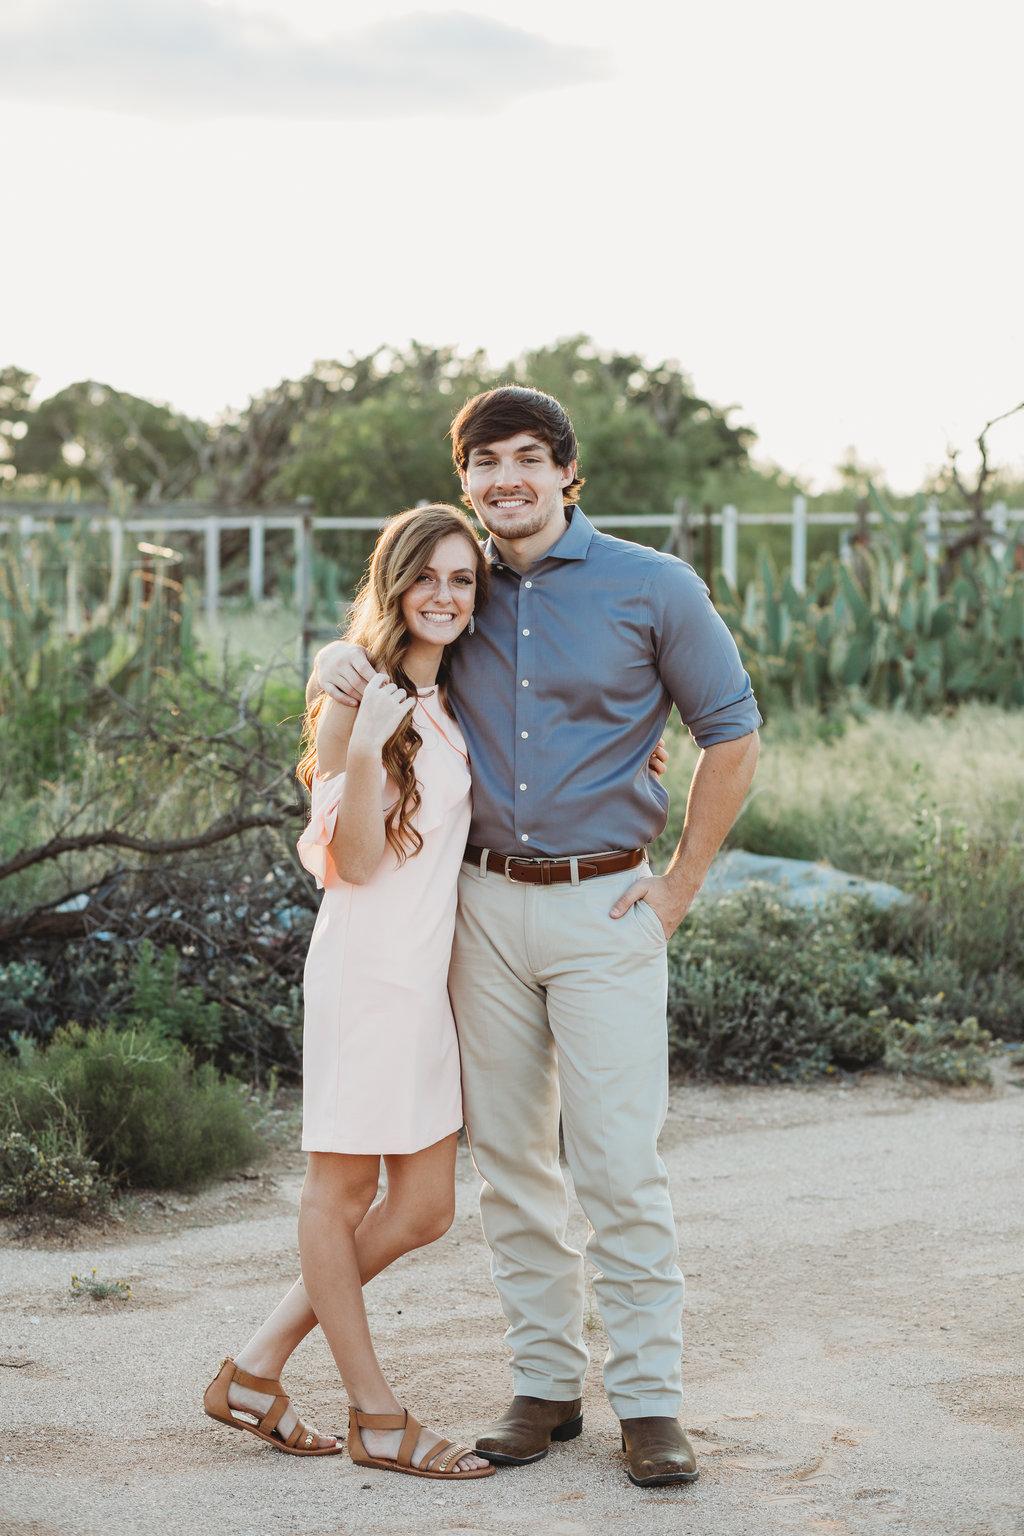 midland texas engagement photographer nizhoni photography (10).jpg